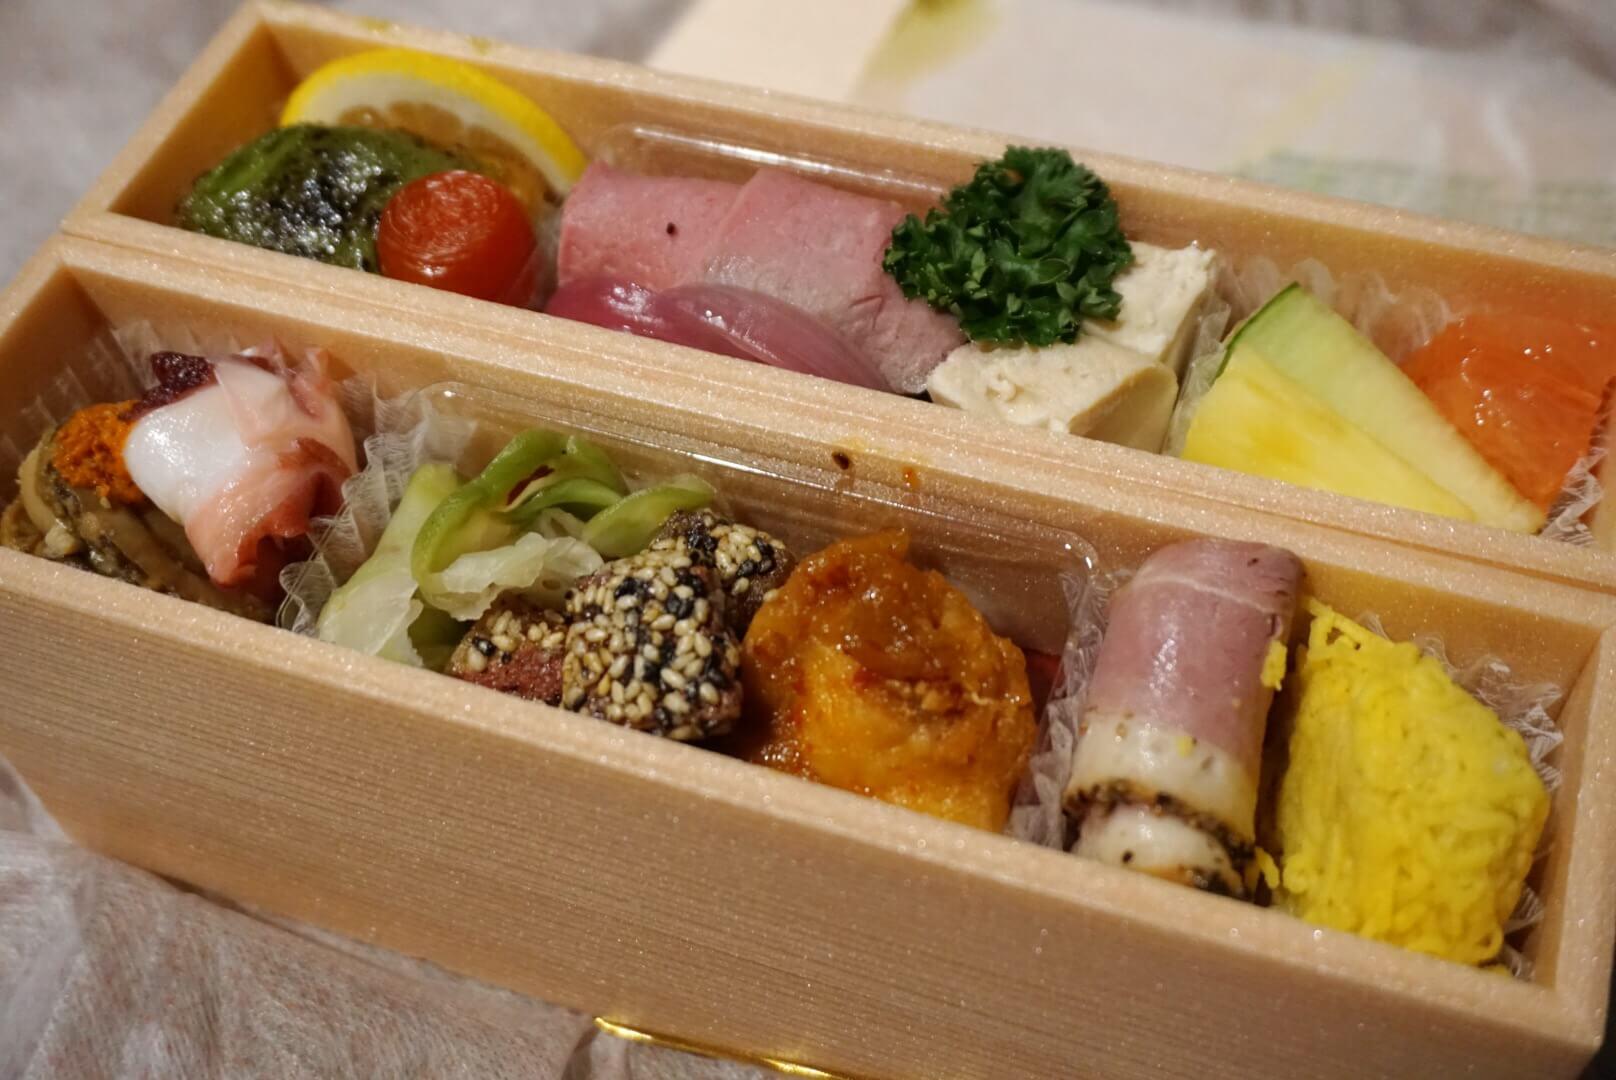 金沢ニューグランドホテルの『お届け 秋の行楽弁当』を食べてみた !!